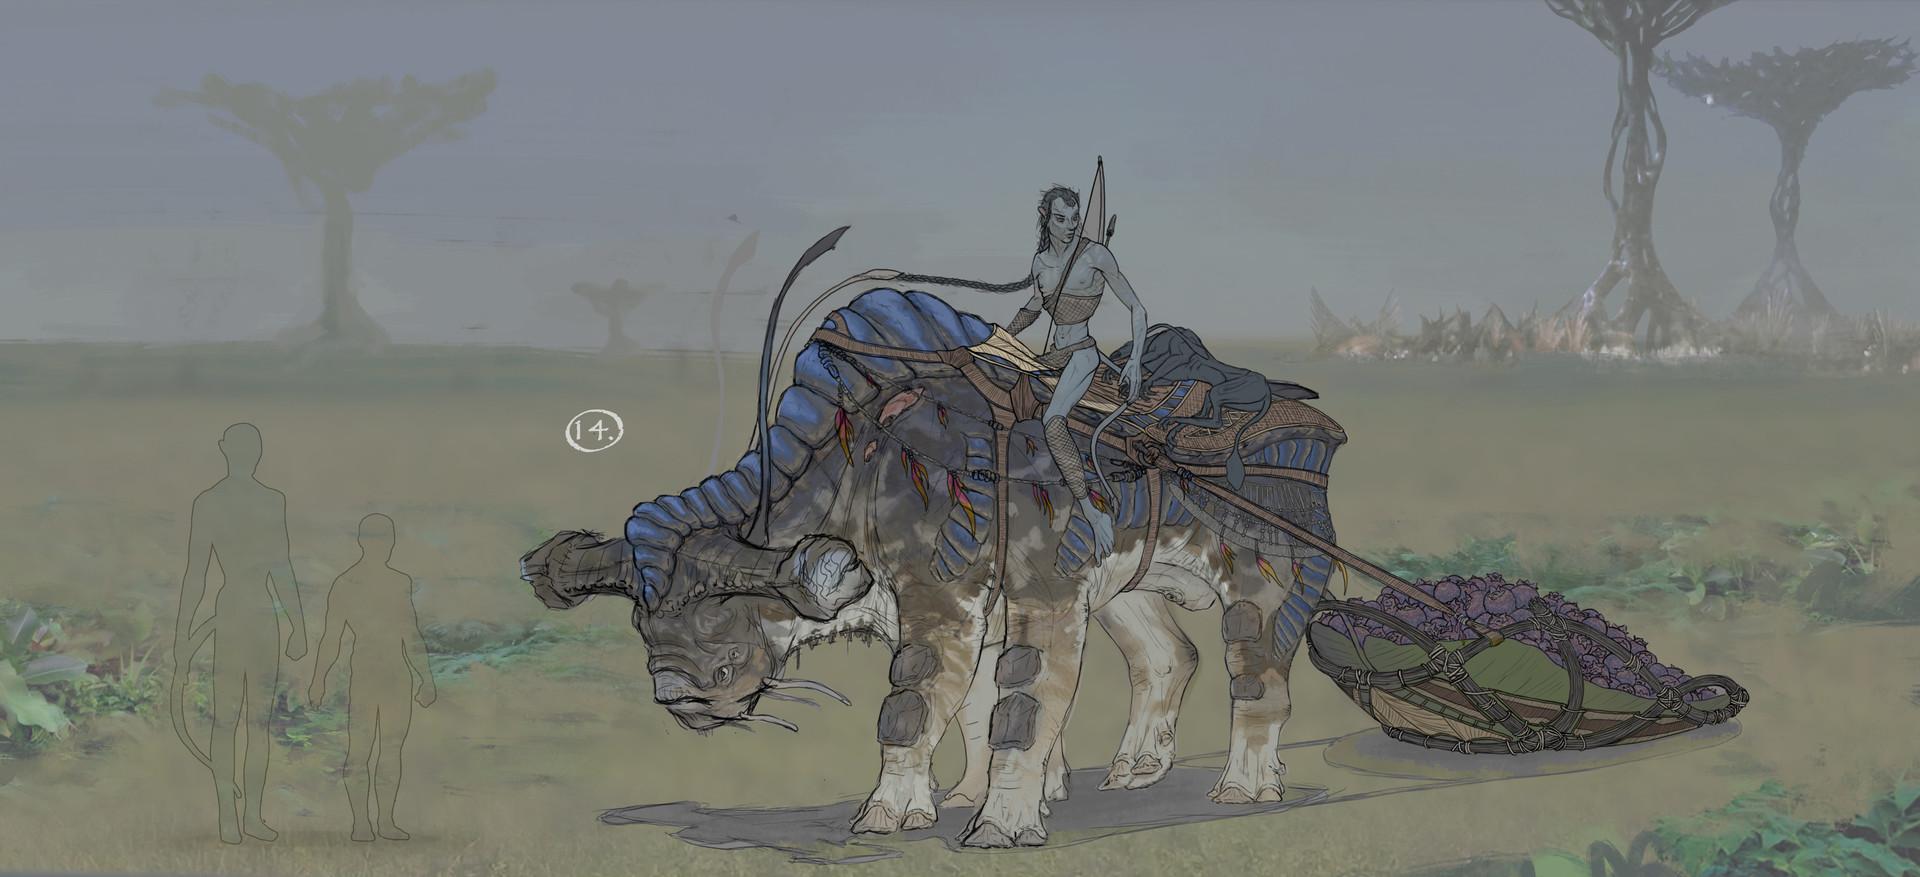 Jordi van hees 8 color variation 3